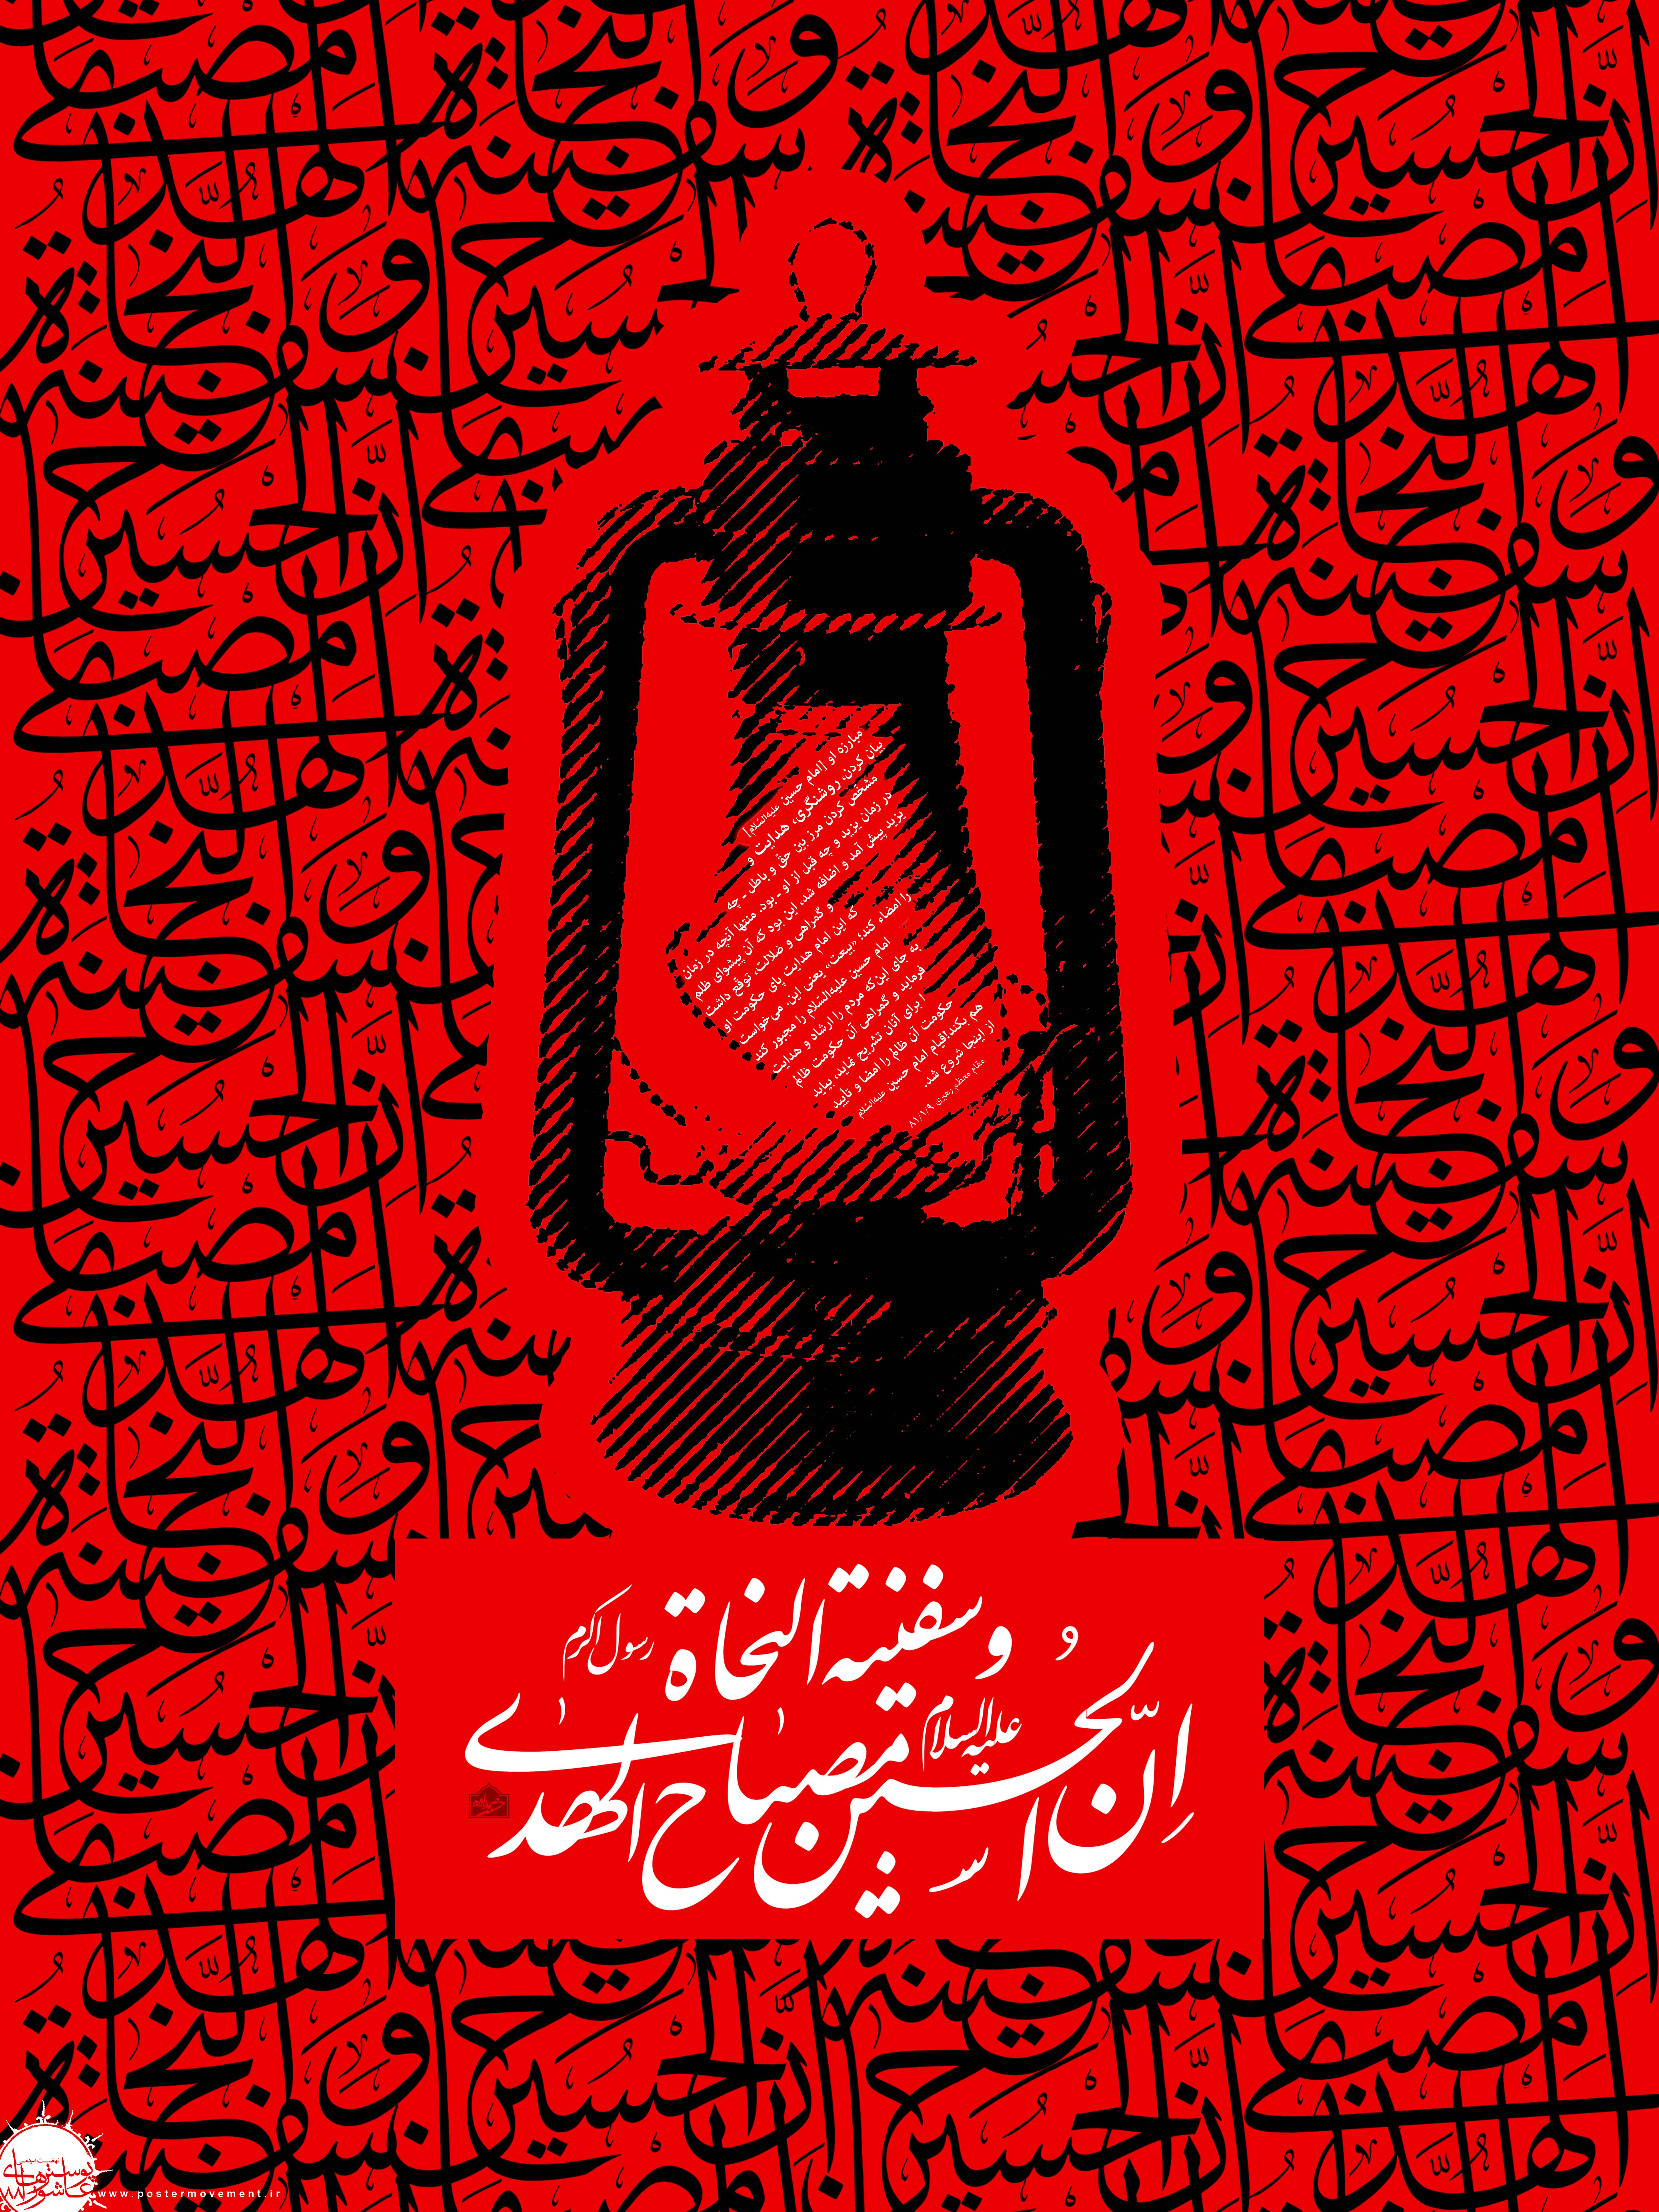 از غدیر تا عاشورا (دانلود پوستر و بنر محرم با کیفیت بالا)۲ najafabadnews